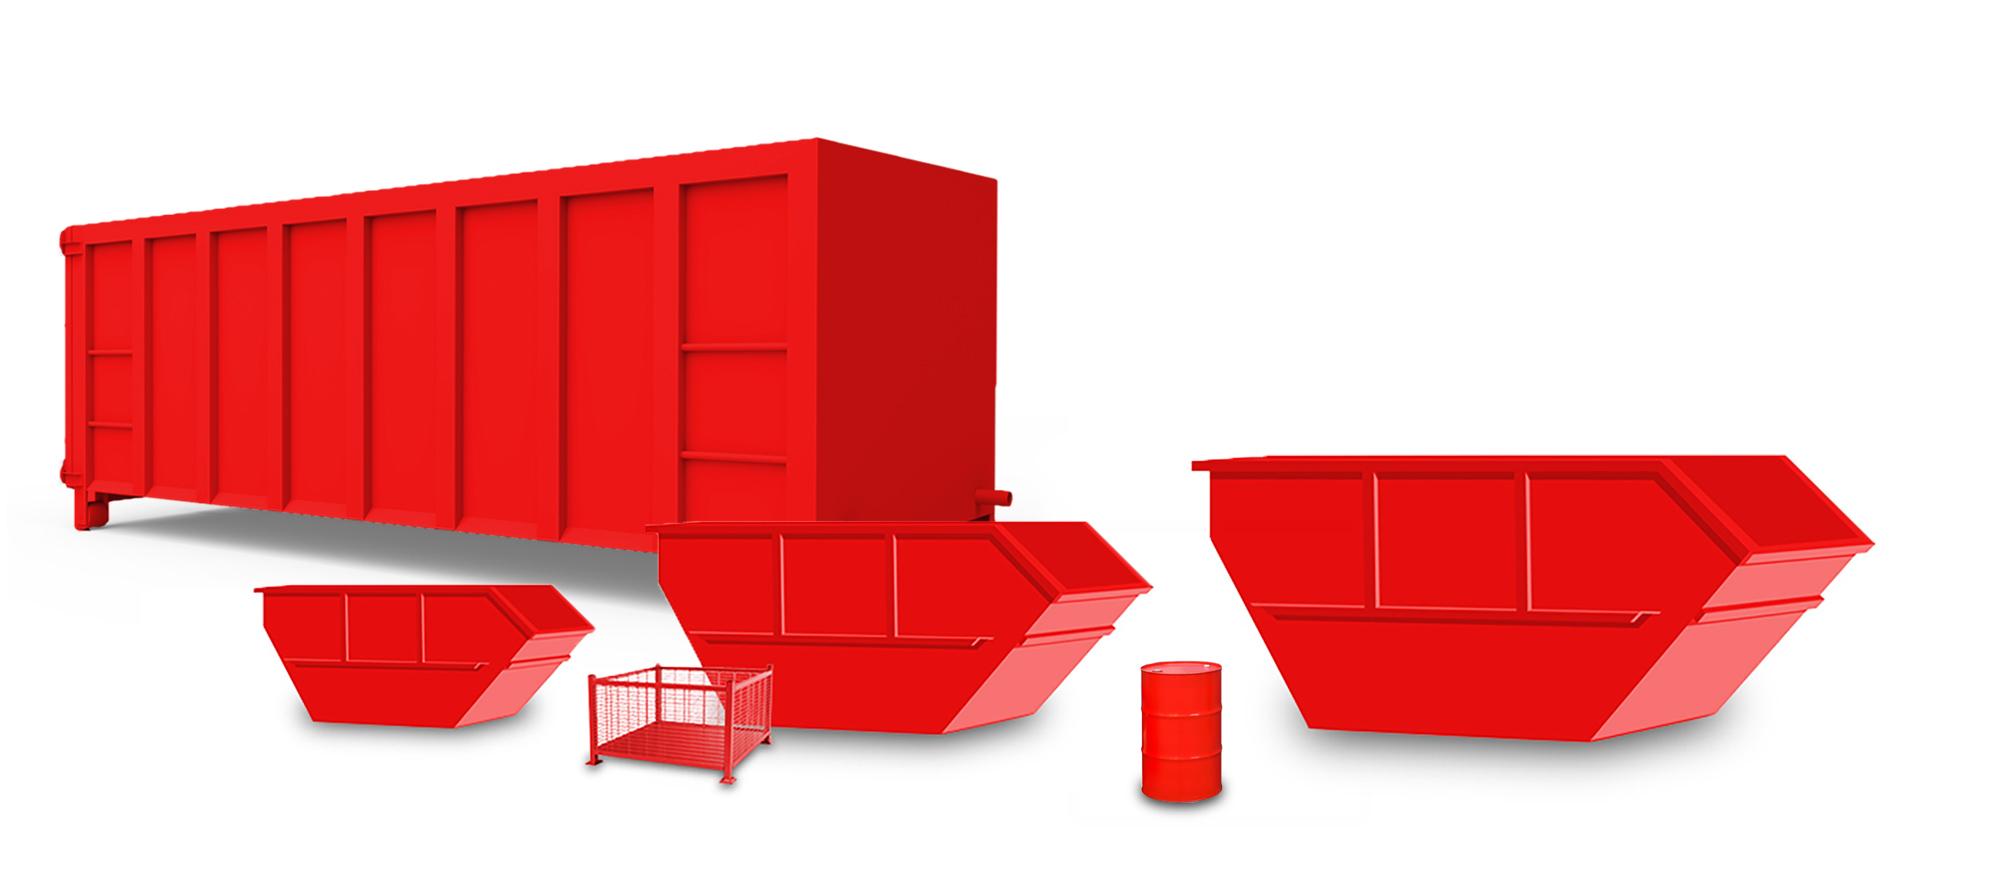 verschieden Arten und Größen von Container und ein Fass auf weißem Hintergrund.